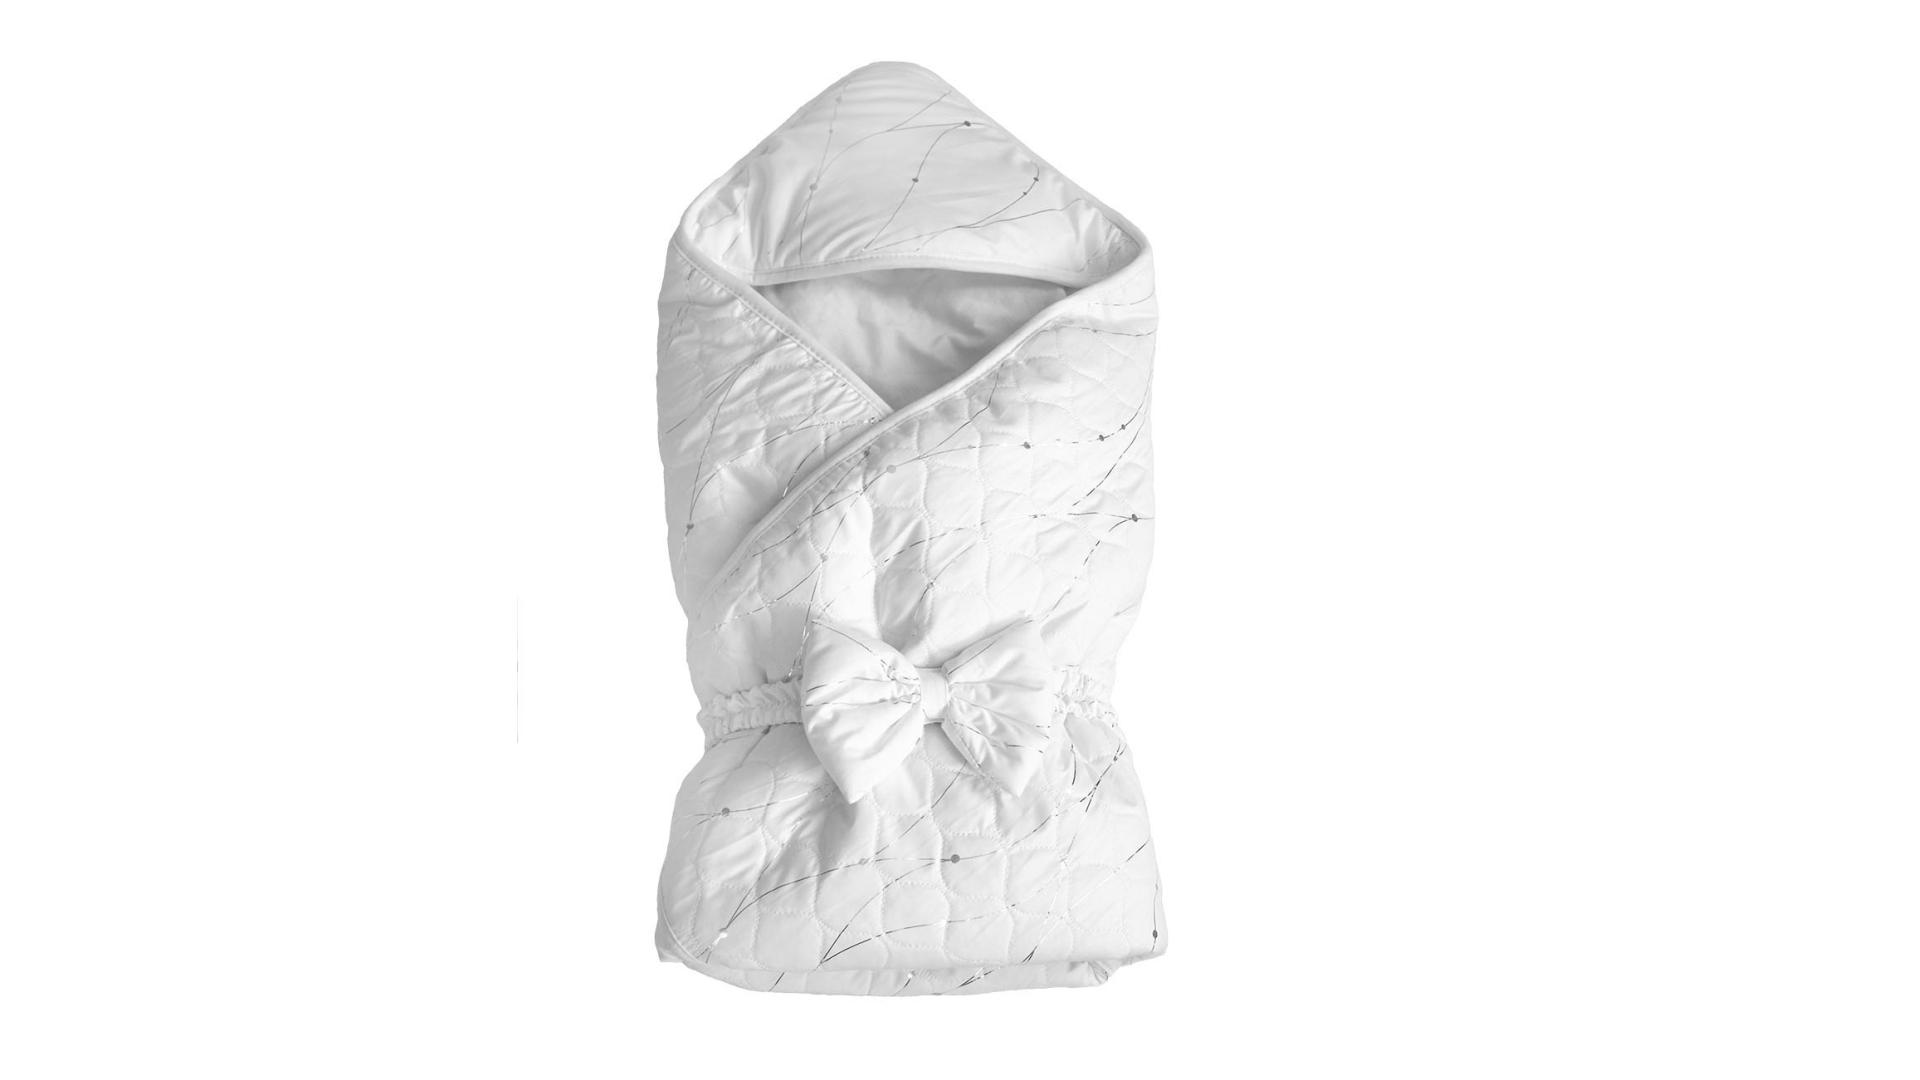 Конверт/одеяло на выписку Серебряные сны фото FullHD (0)